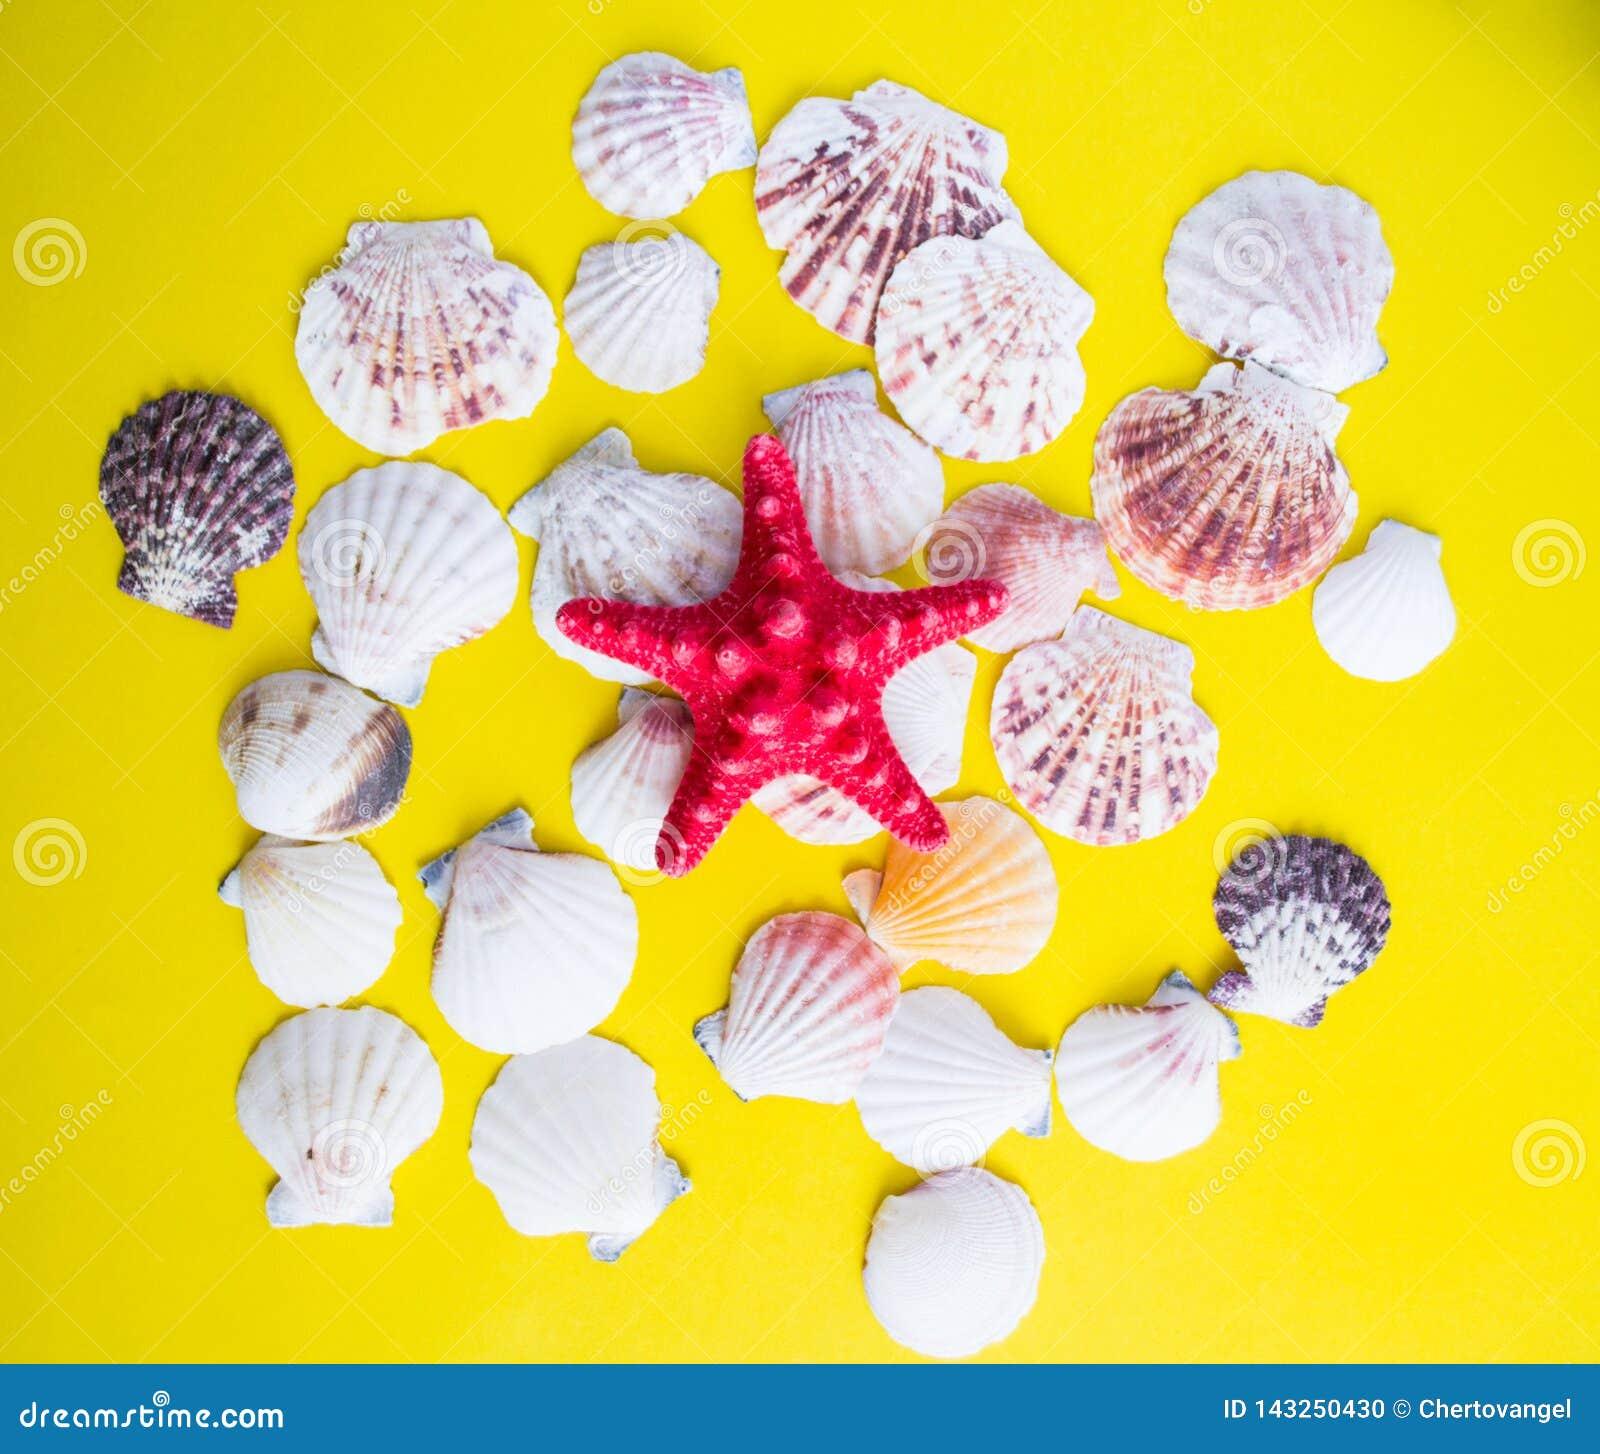 Red starfish and white seashells on yellow background